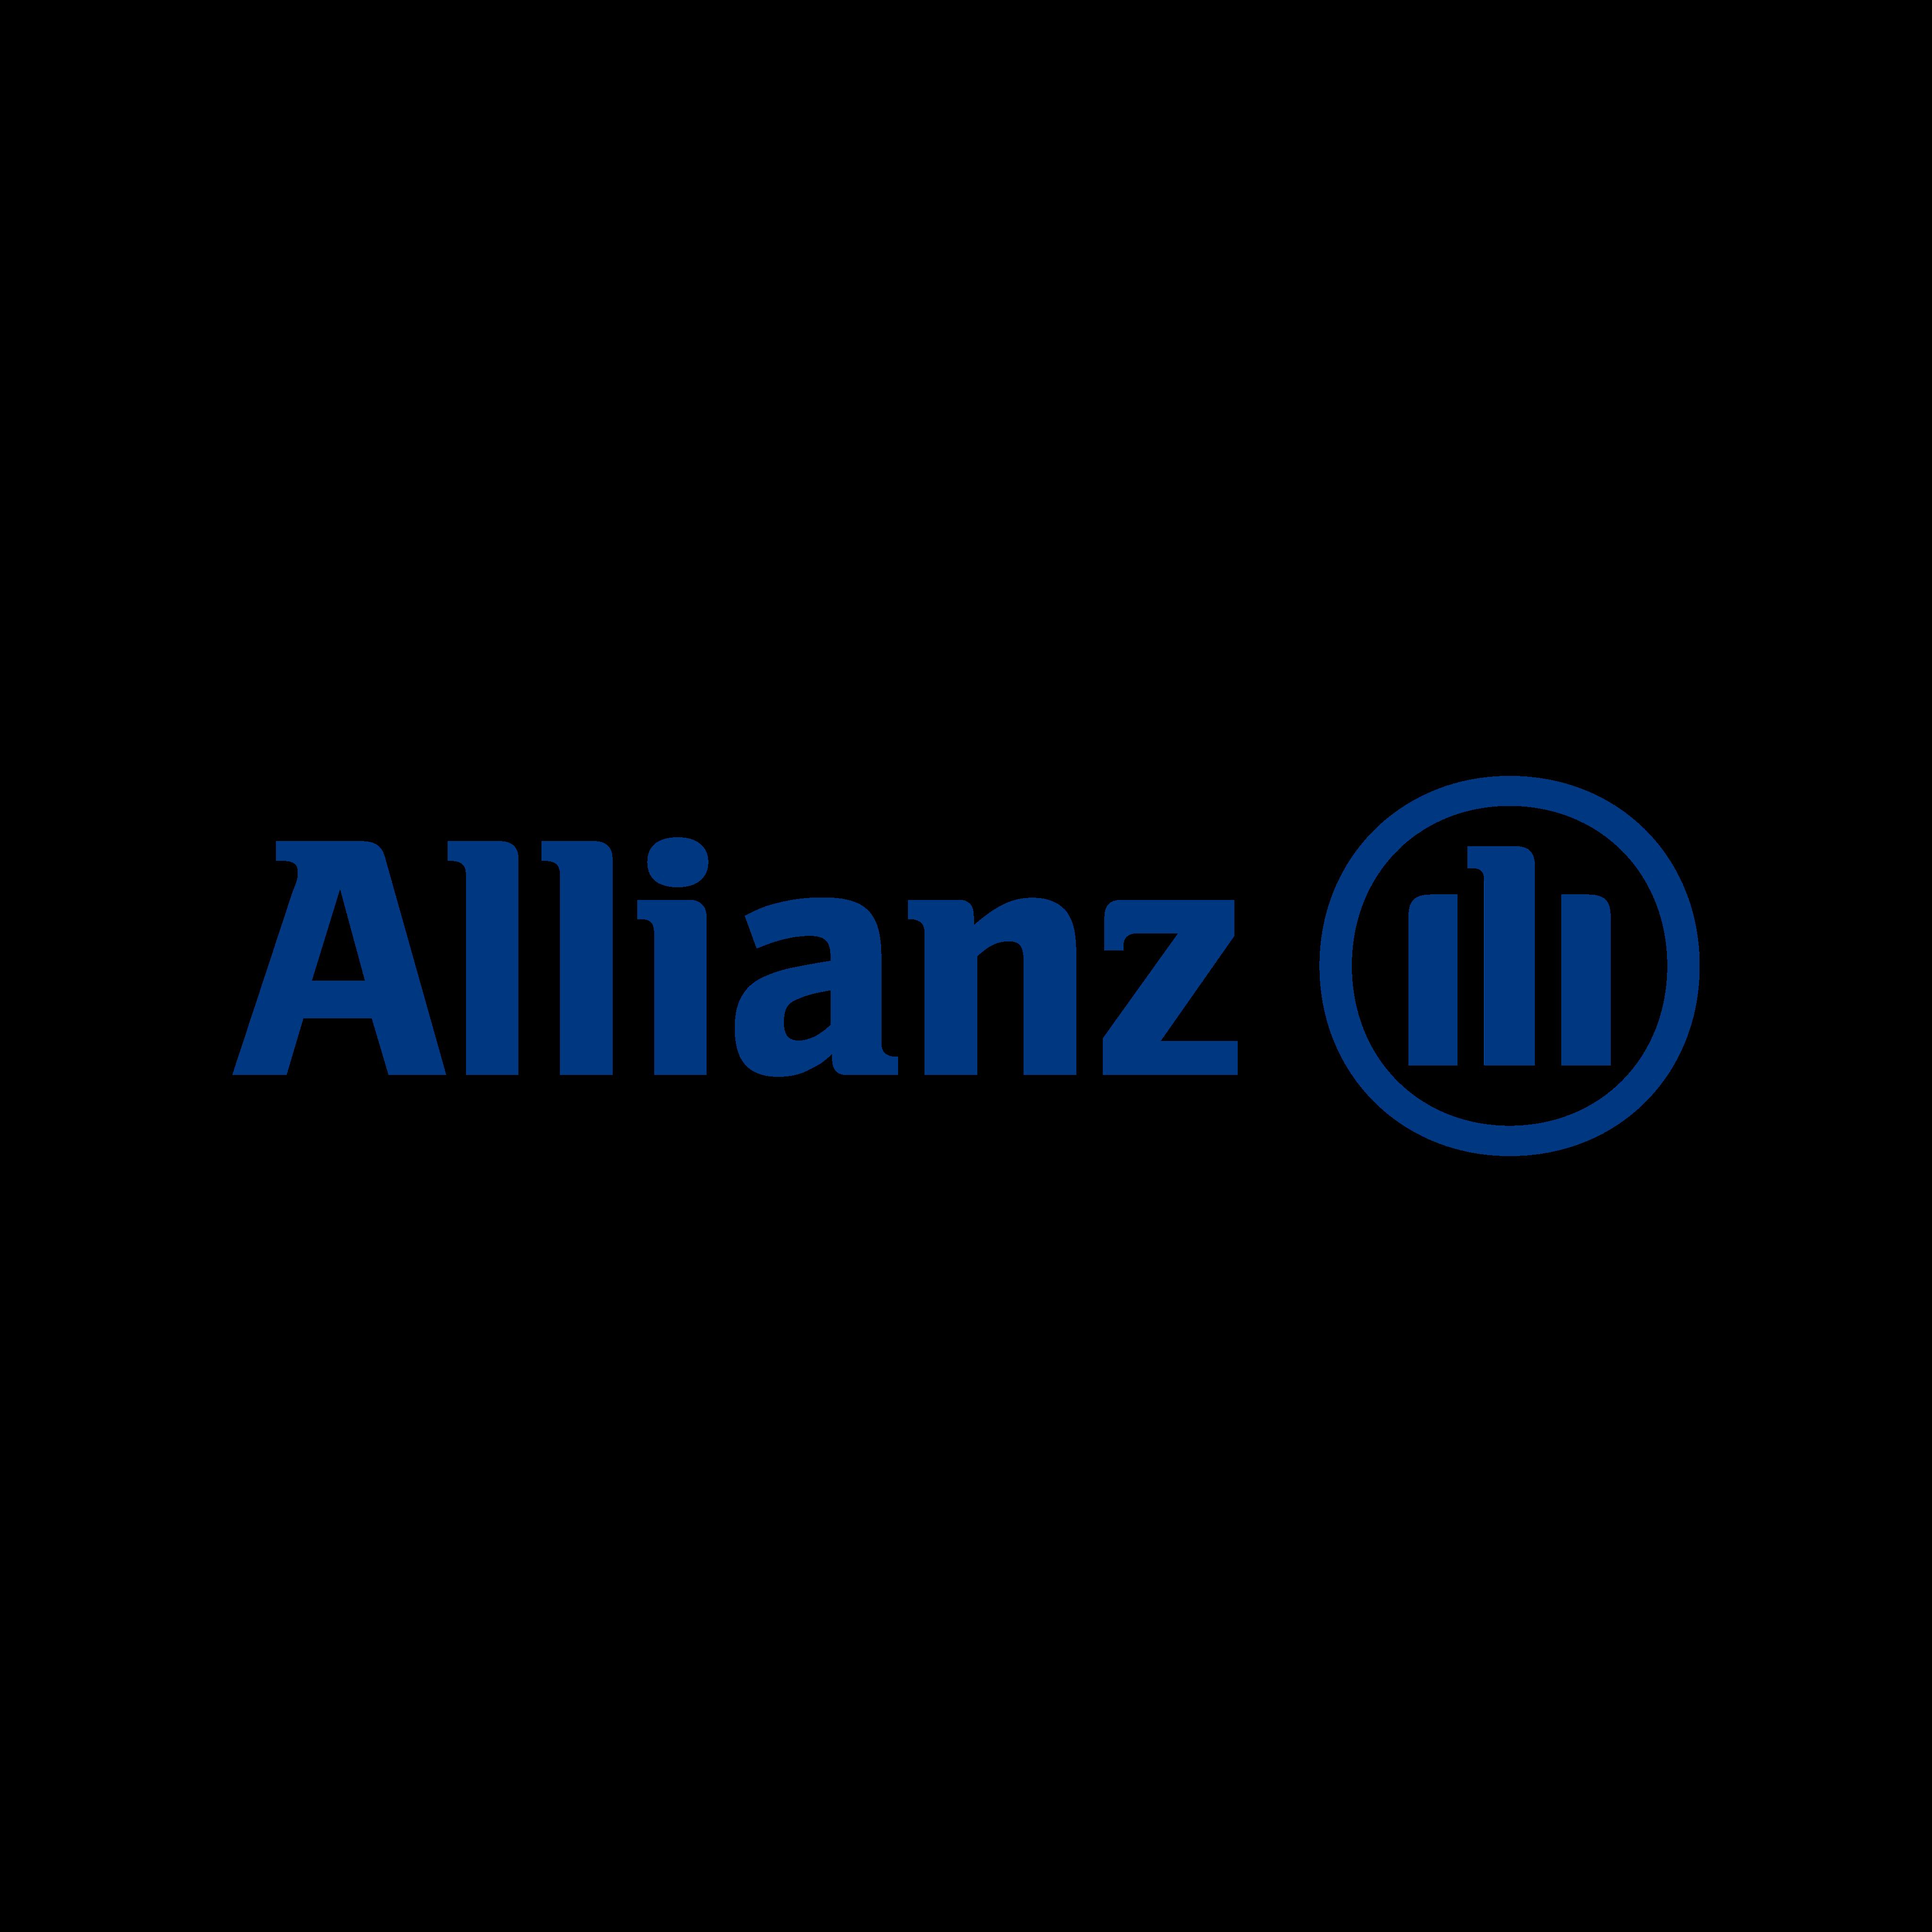 allianz logo 0 - Allianz Logo